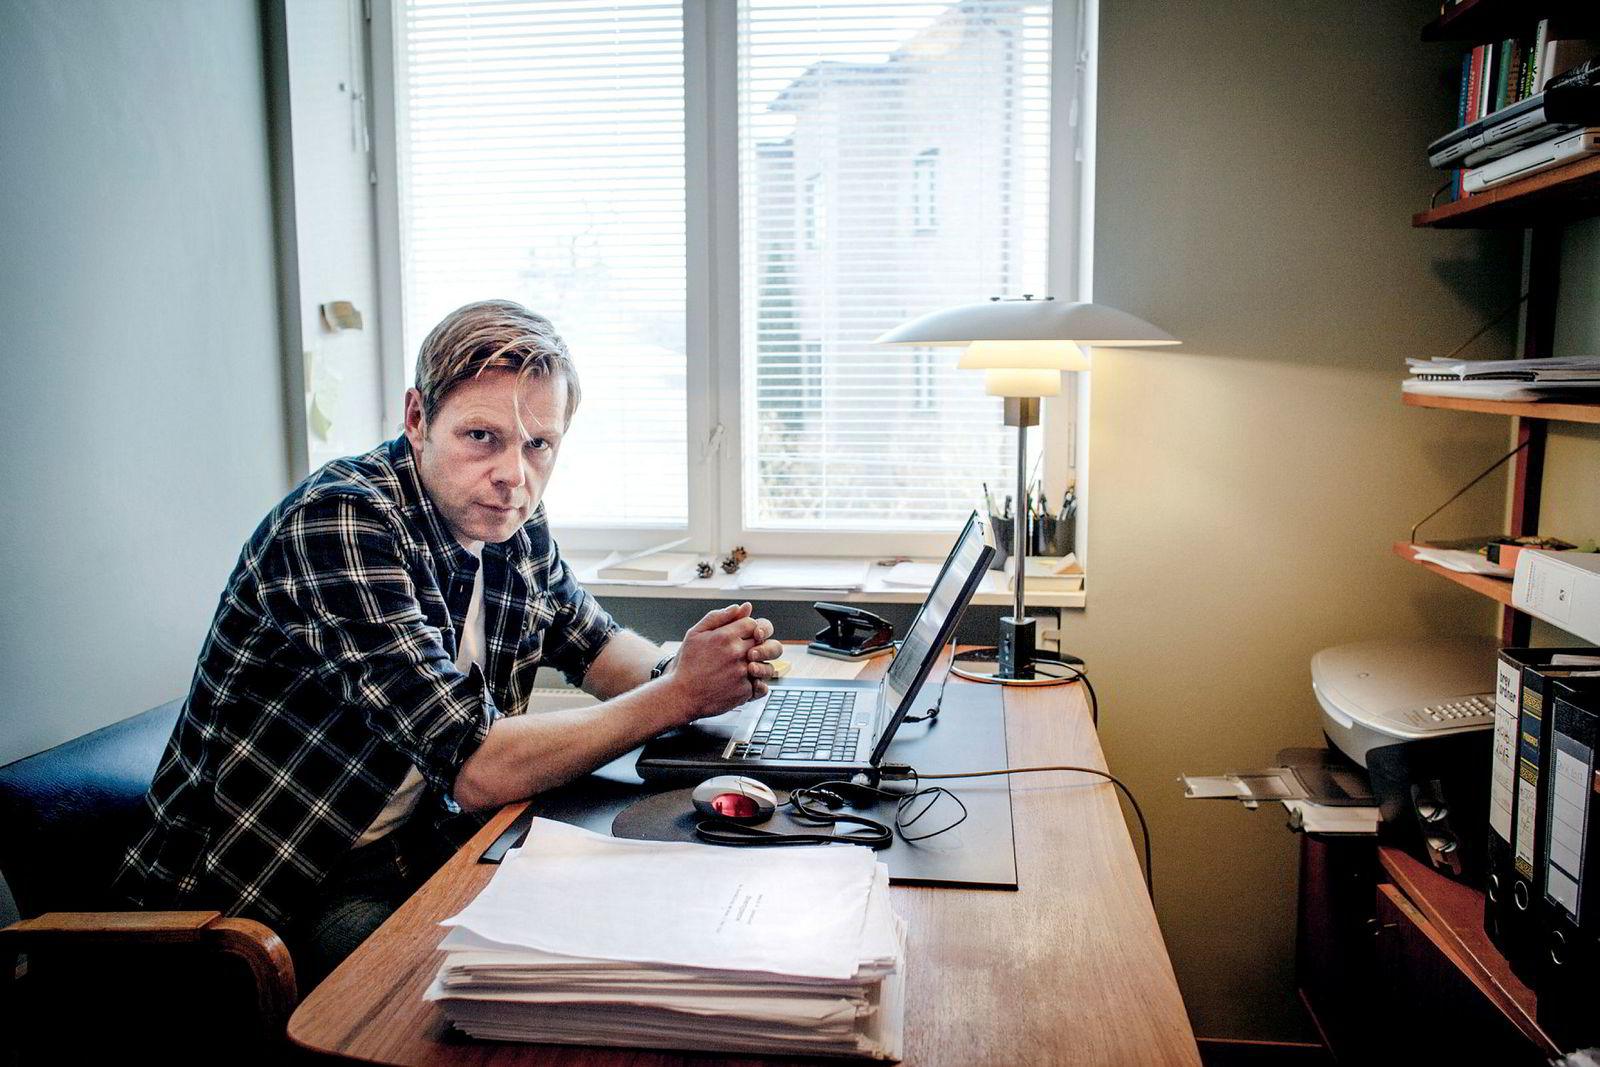 Forfatter Henrik Langeland fikk i 2014 i oppdrag å skrive historien om Aker. Nå har konsernet publisert boken på egne nettsider, en uke før den er på plass i butikken.